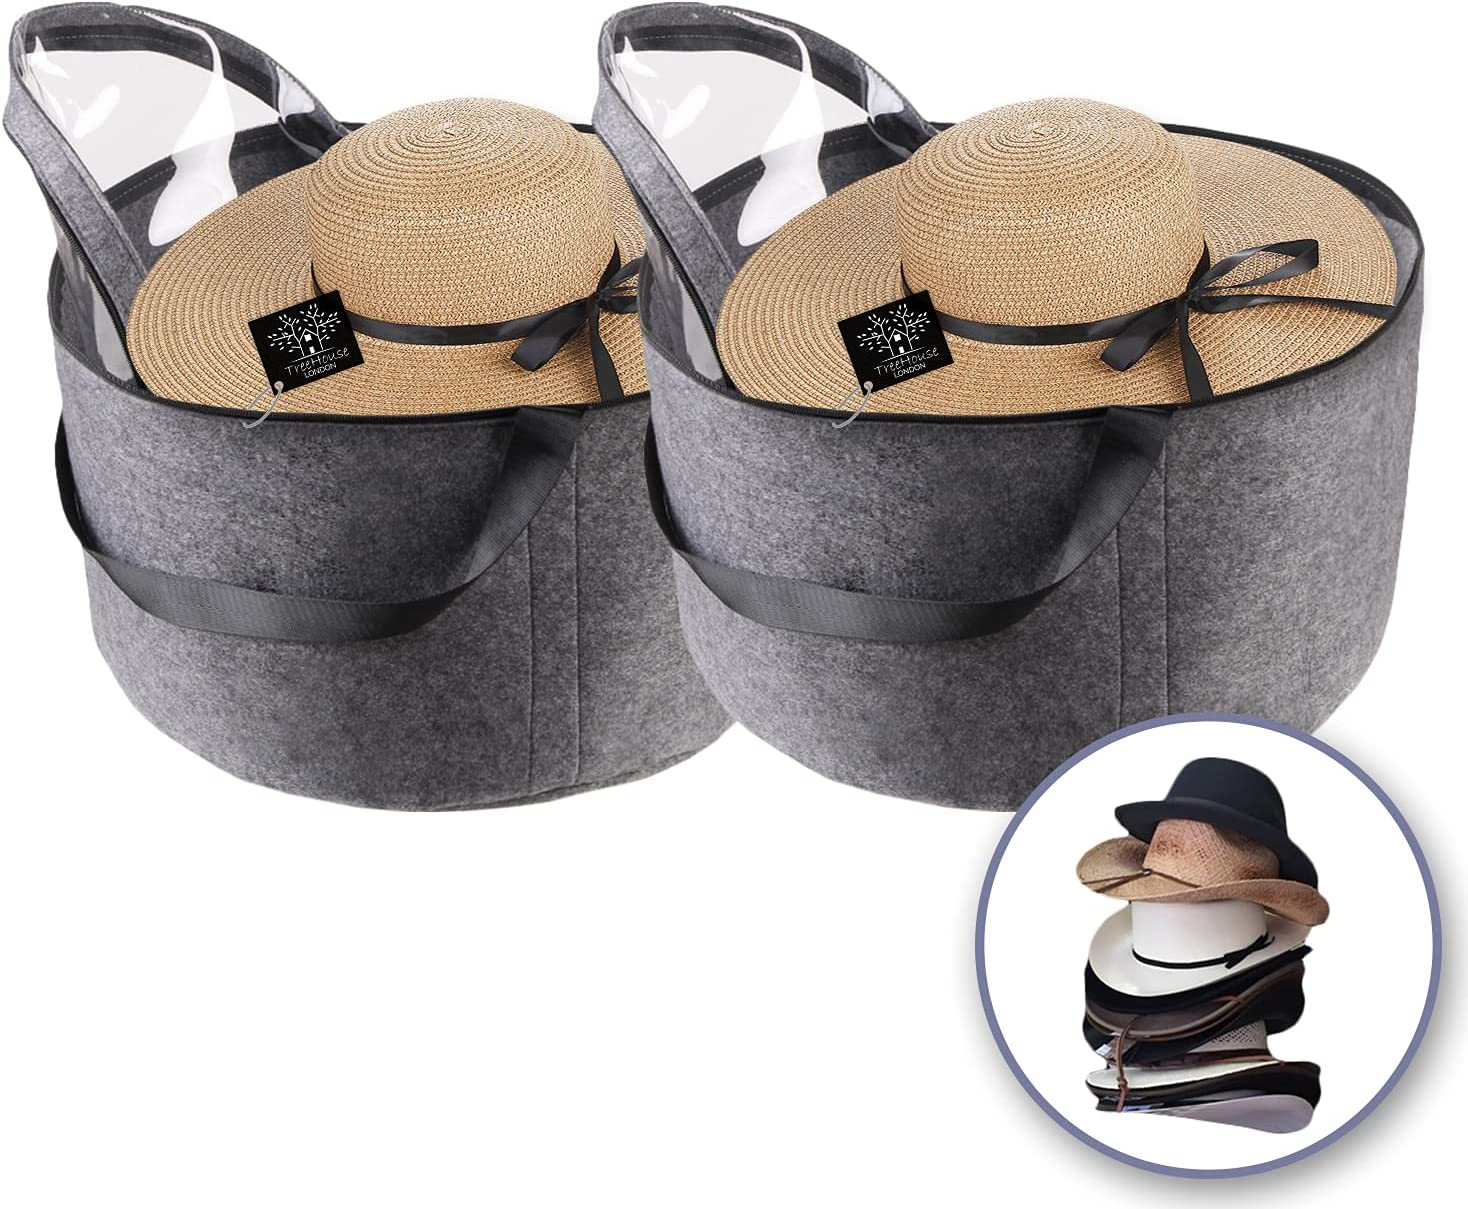 Set of 2 - Extra Large depot Luxury Basket 11.5' Hat Storage online shop Felt Box